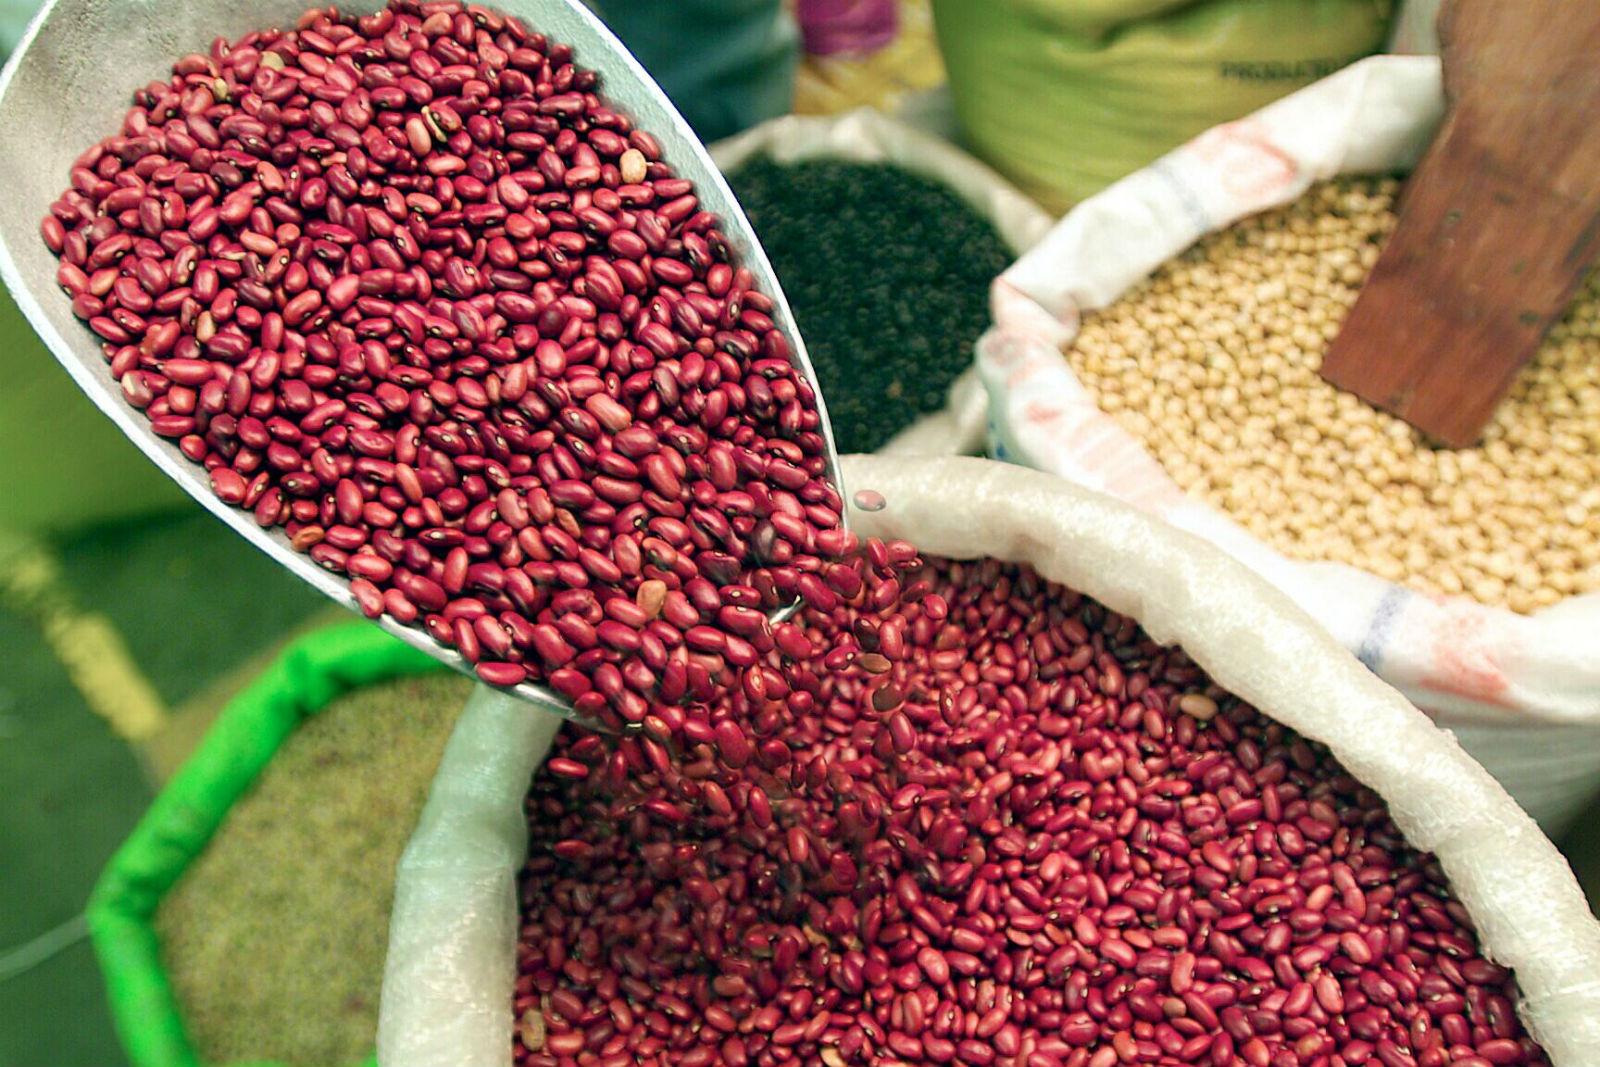 El maíz, el frijol y el amaranto pueden reducir